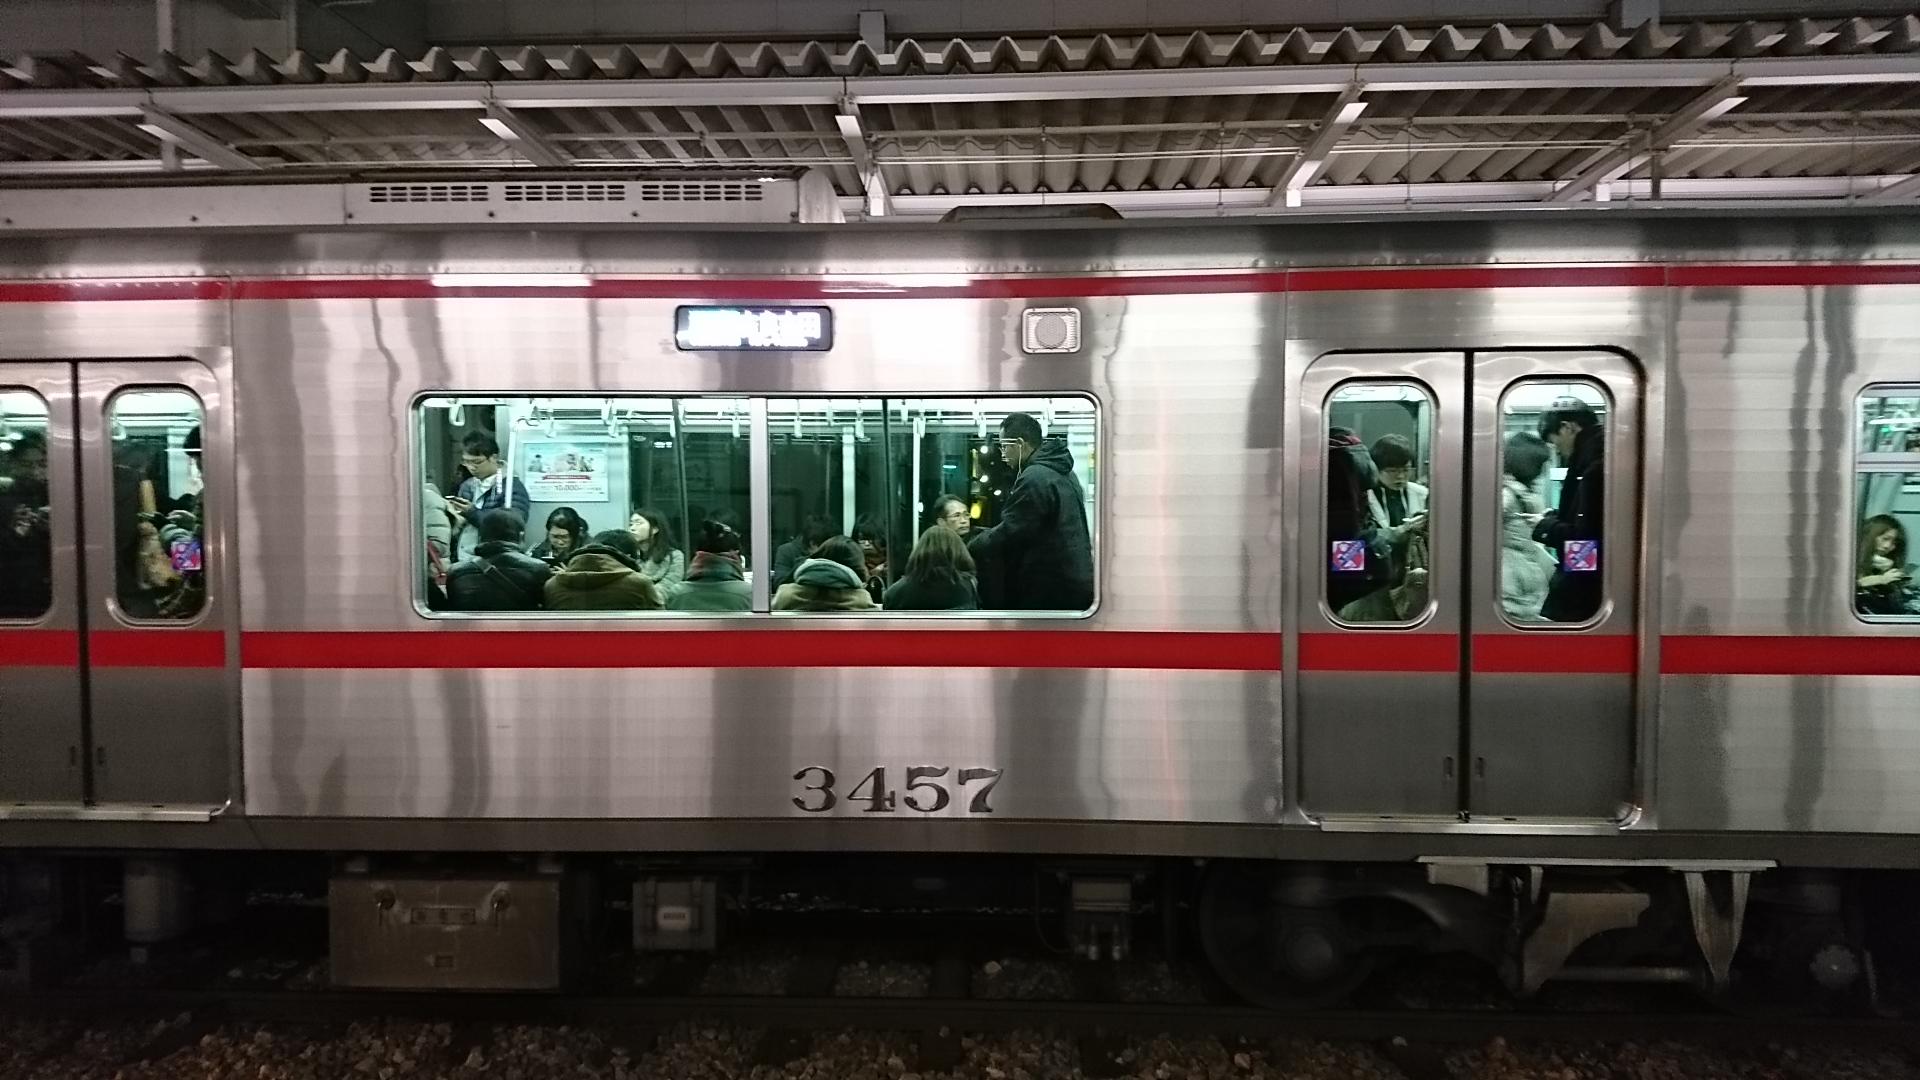 2017.1.6 (8) しんあんじょう - 吉良吉田いき準急 1920-1080